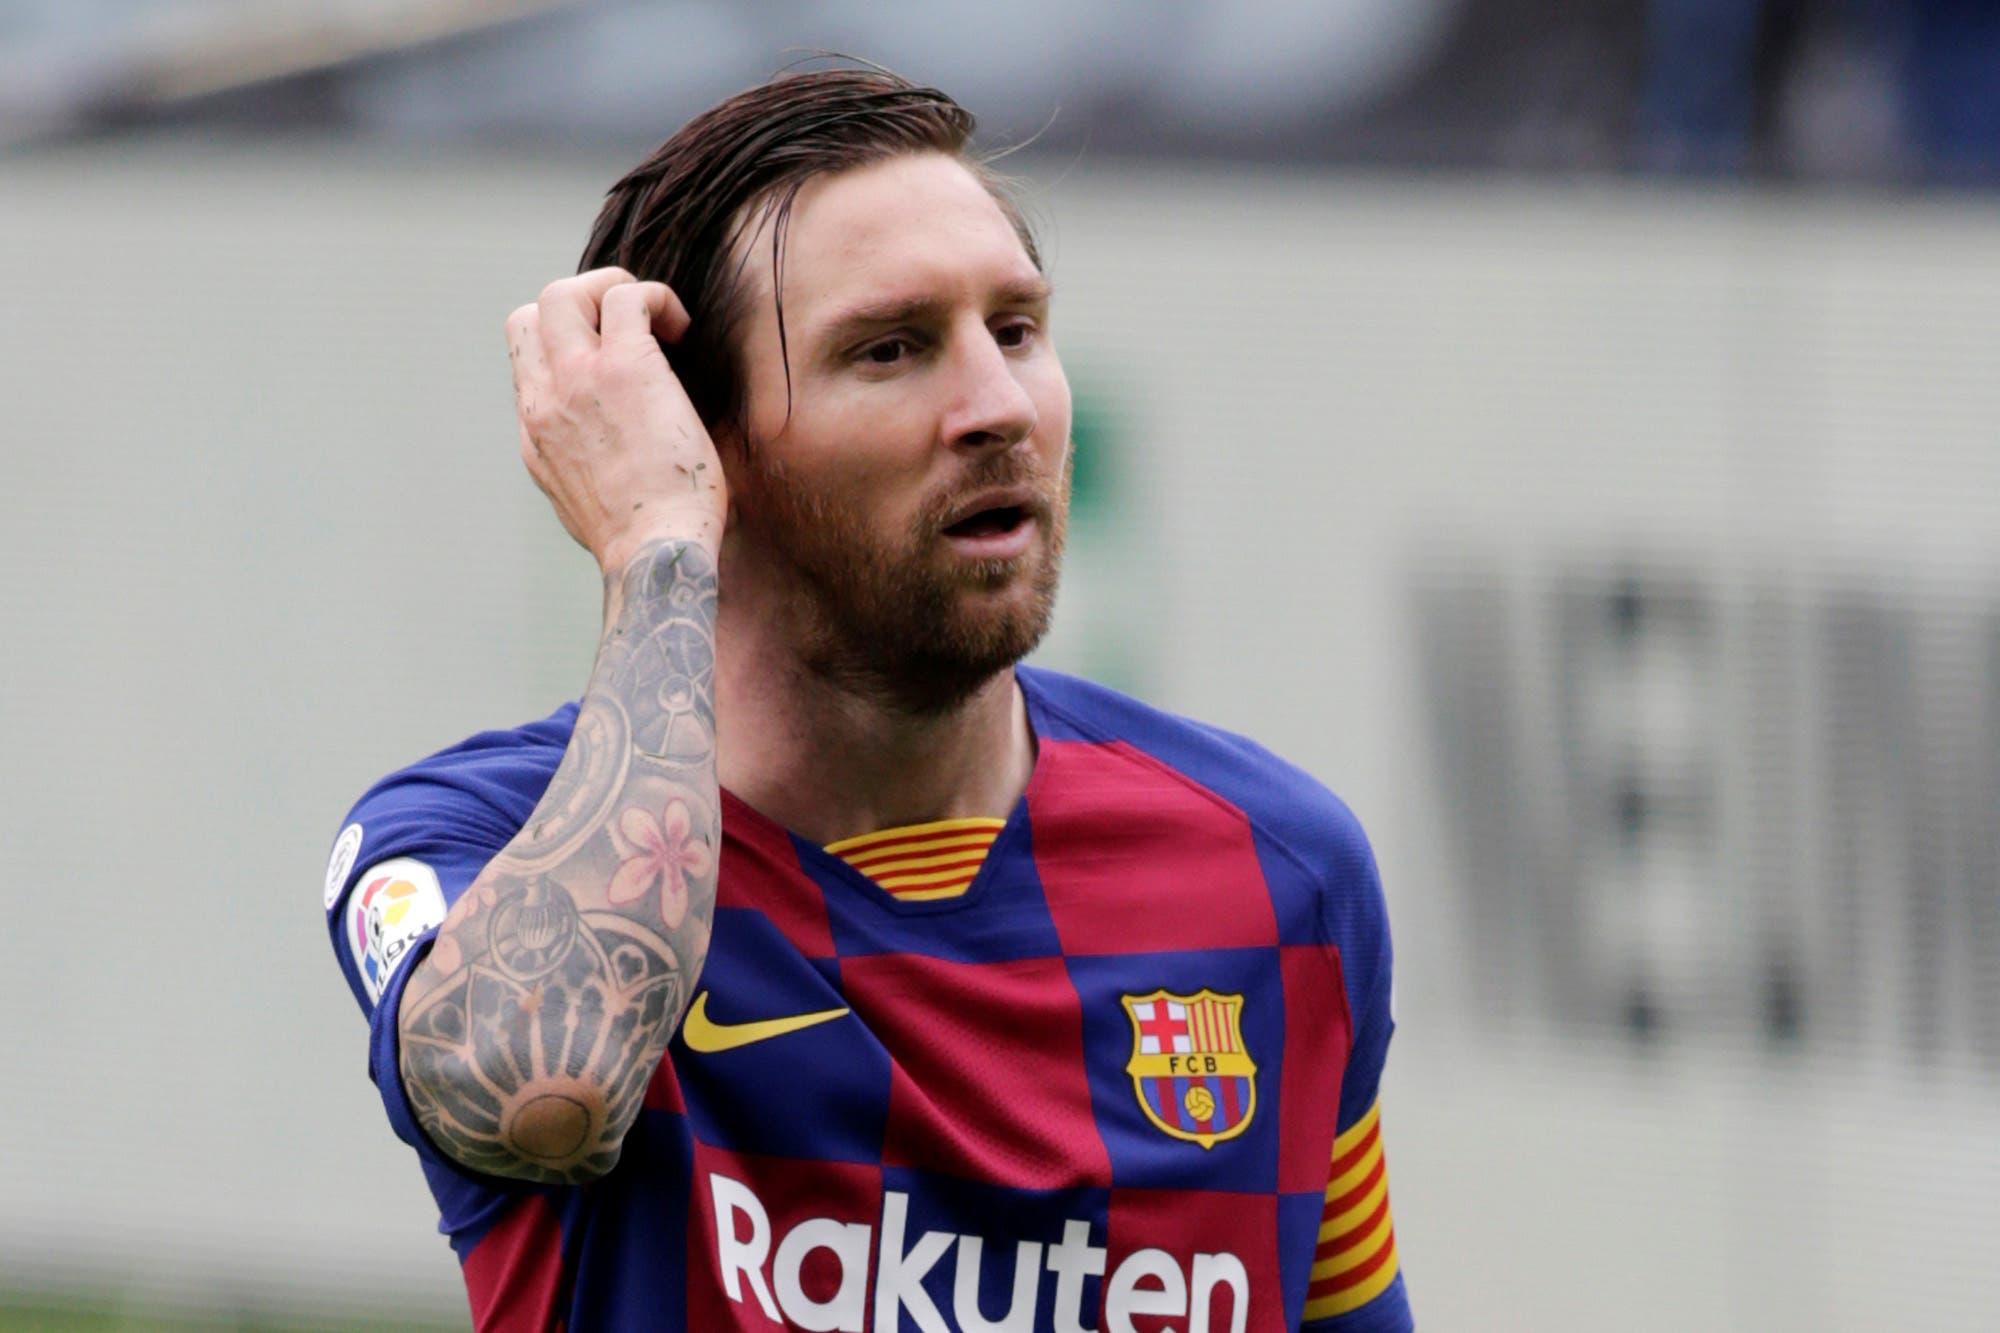 Lionel Messi contra el Cholo Simeone: cómo ver EN VIVO Barcelona-Atlético de Madrid por La Liga española